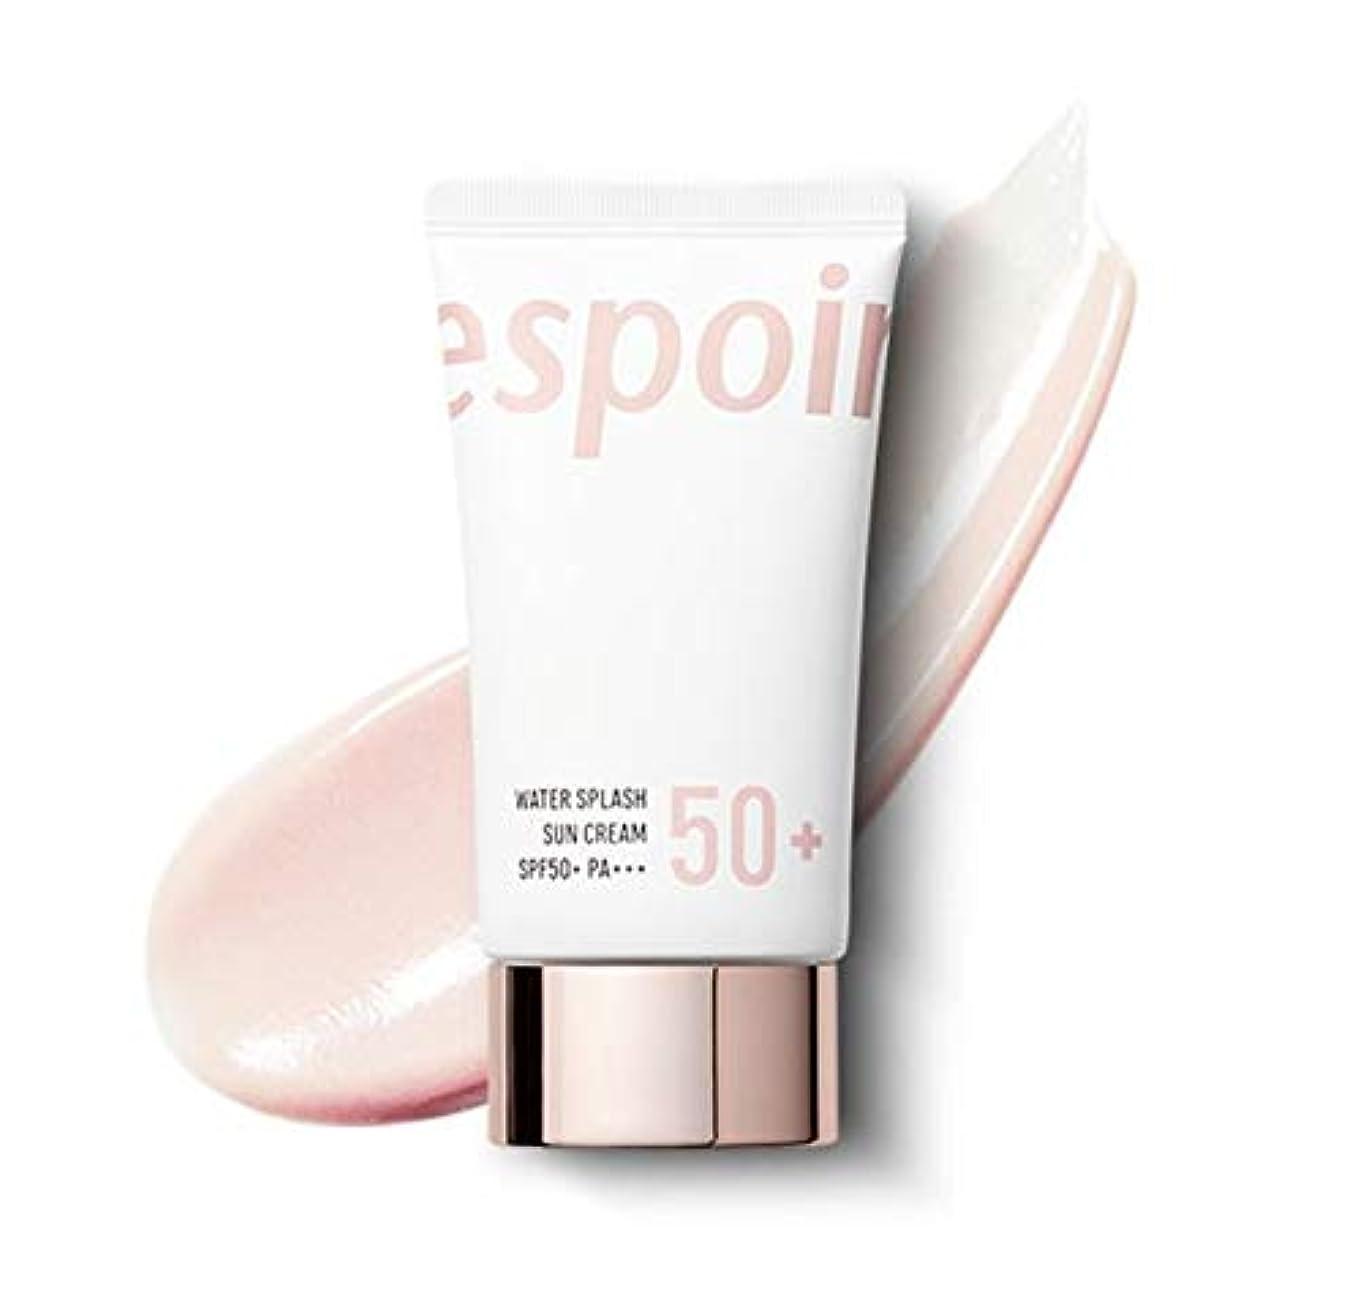 ペレット無礼にアロングeSpoir Water Splash Sun Cream SPF50+PA+++ (R) / エスポワール ウォータースプラッシュ サンクリーム 60ml [並行輸入品]